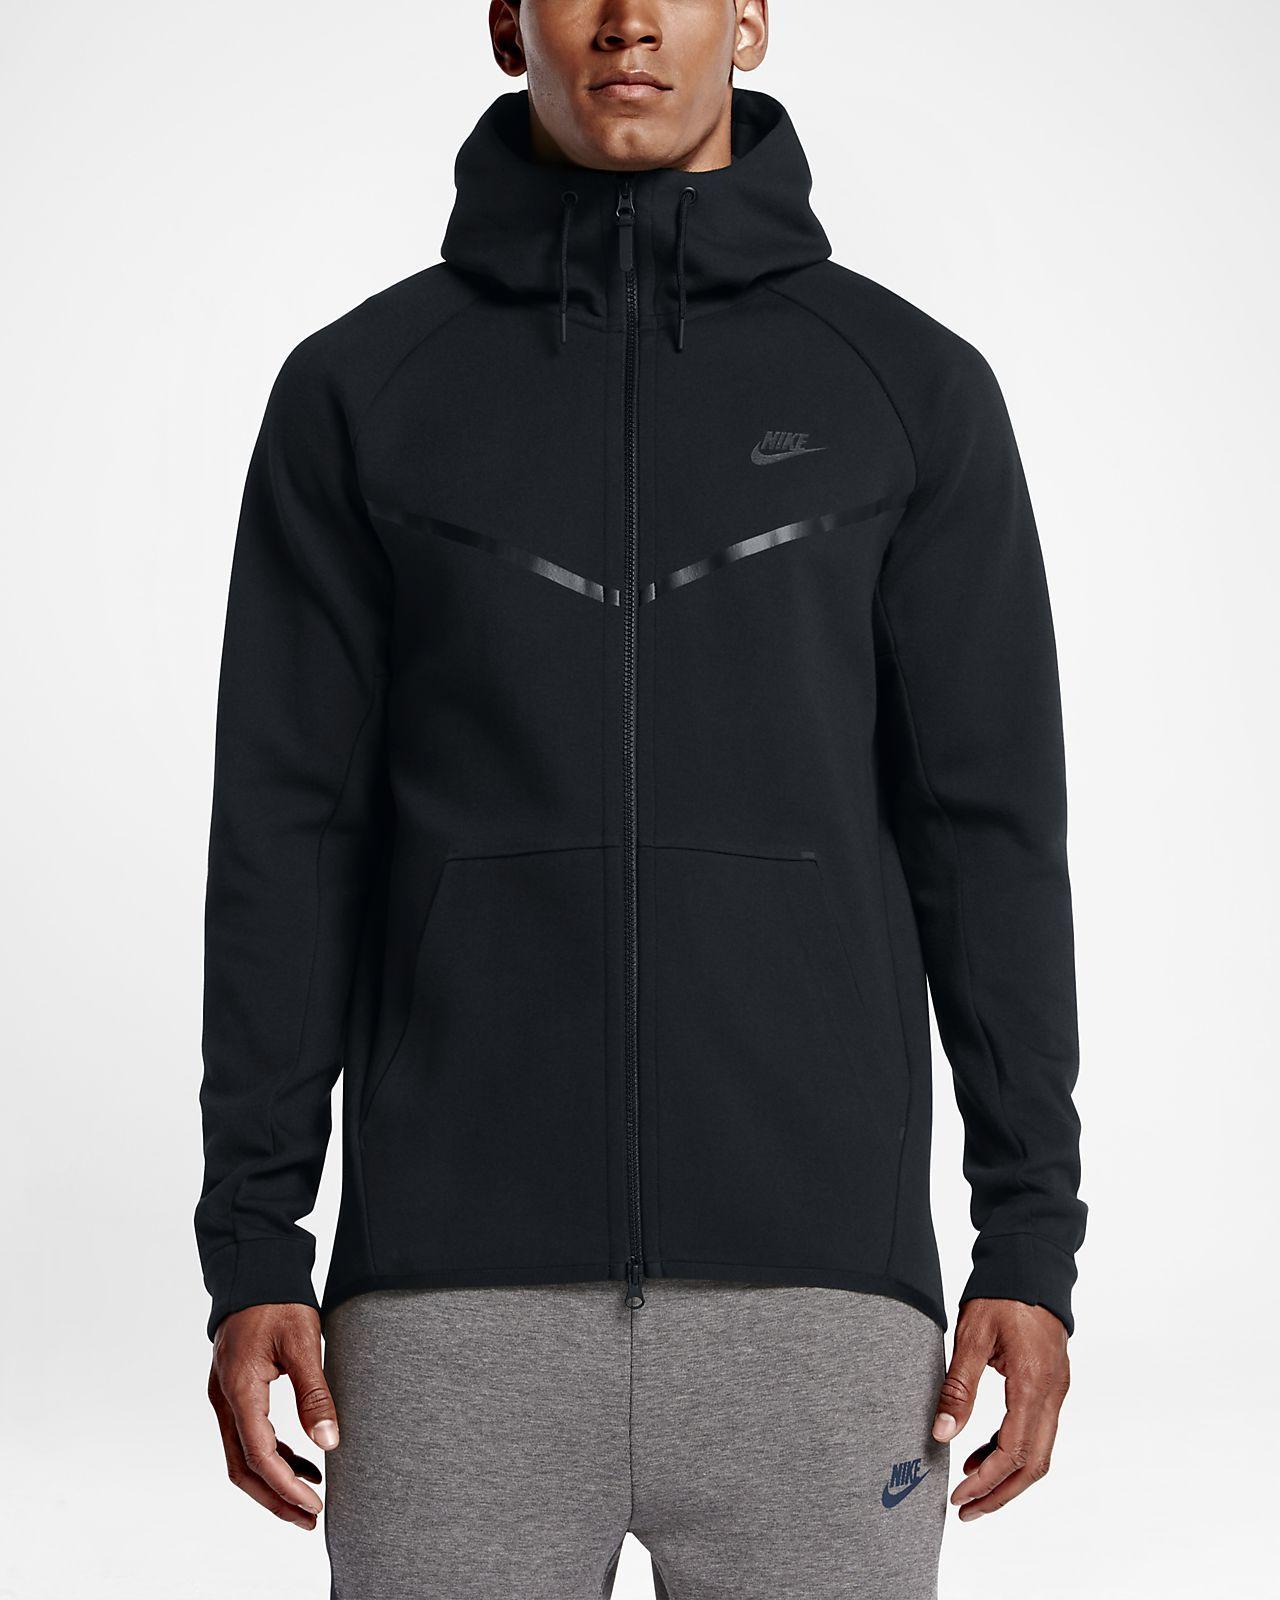 Discount Nike Sportswear Tech Fleece Full-Zip Hoodie Mens Black